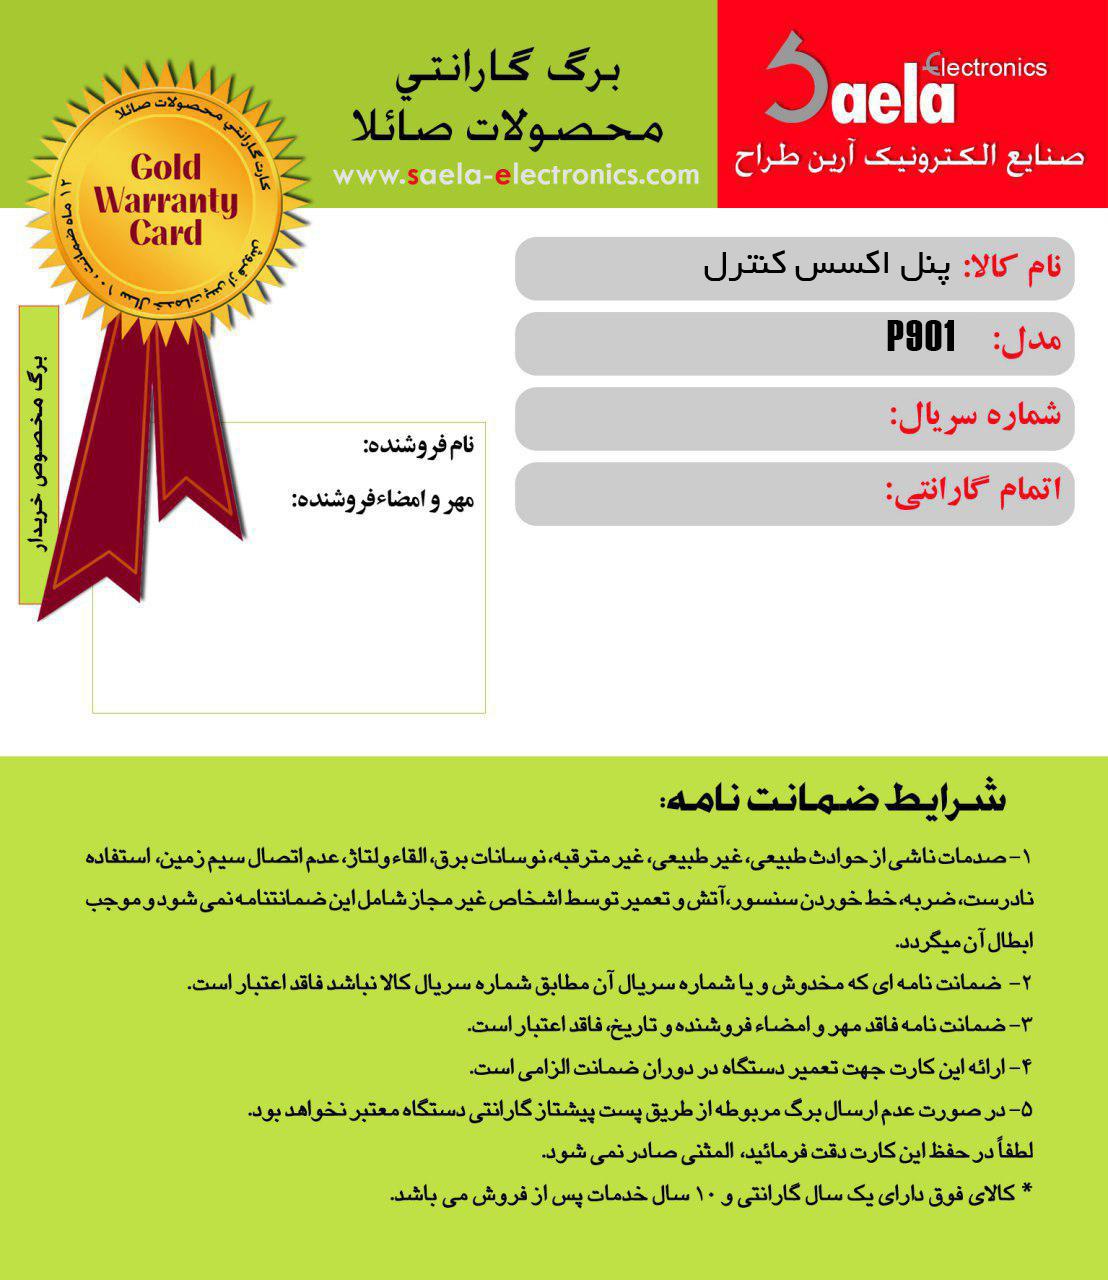 کارت گارانتی دستگاه کنترل دسترسی P901